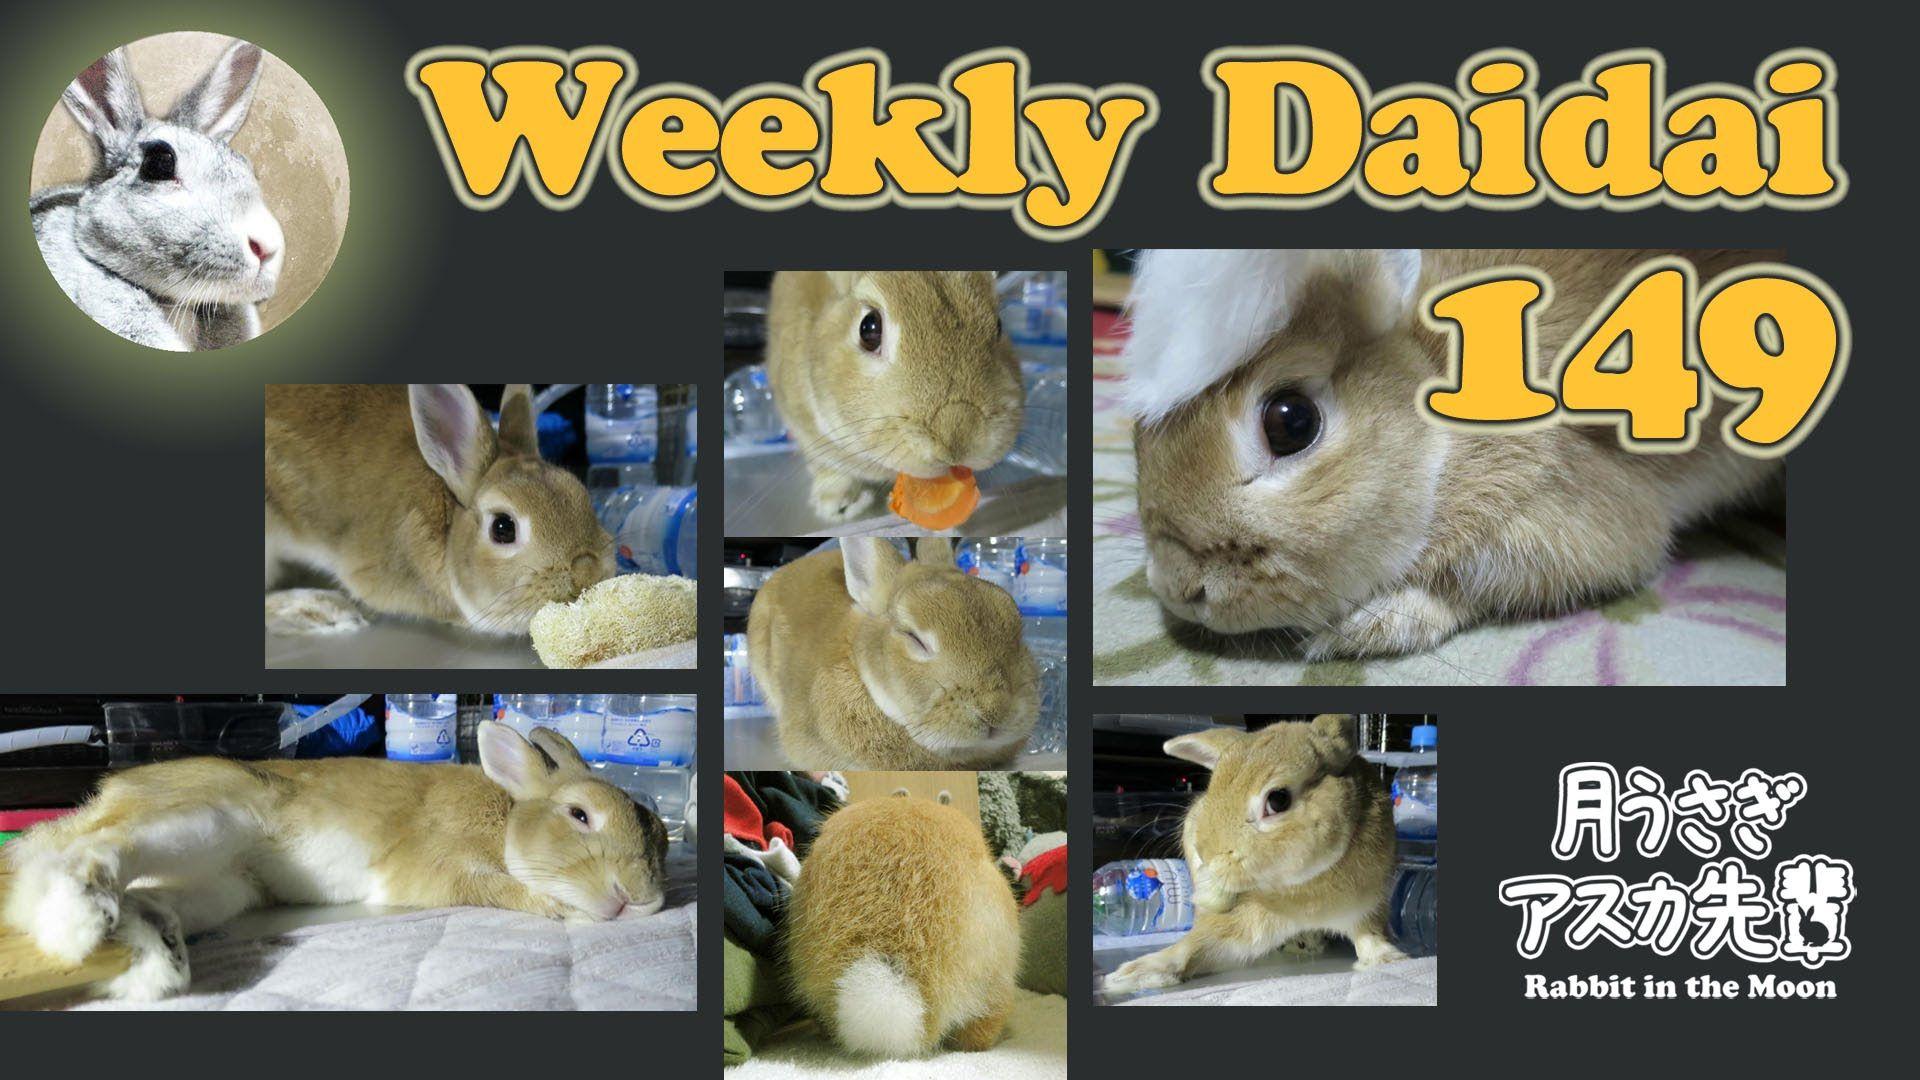 Weekly Daidai 149